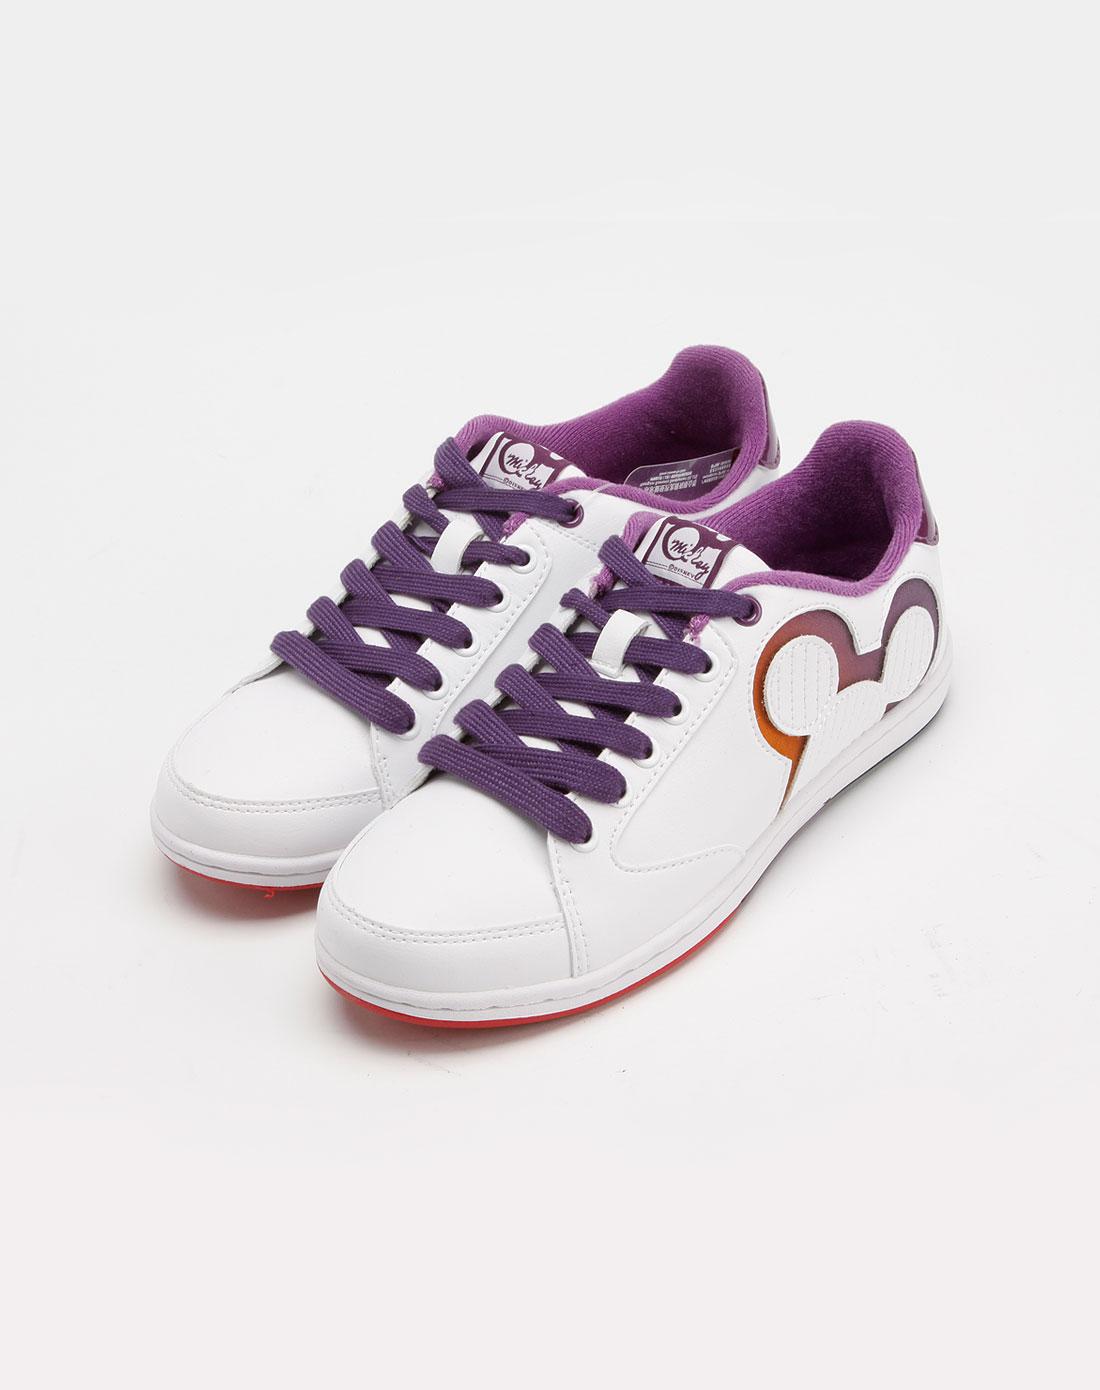 迪士尼disney米奇女款白色休闲鞋